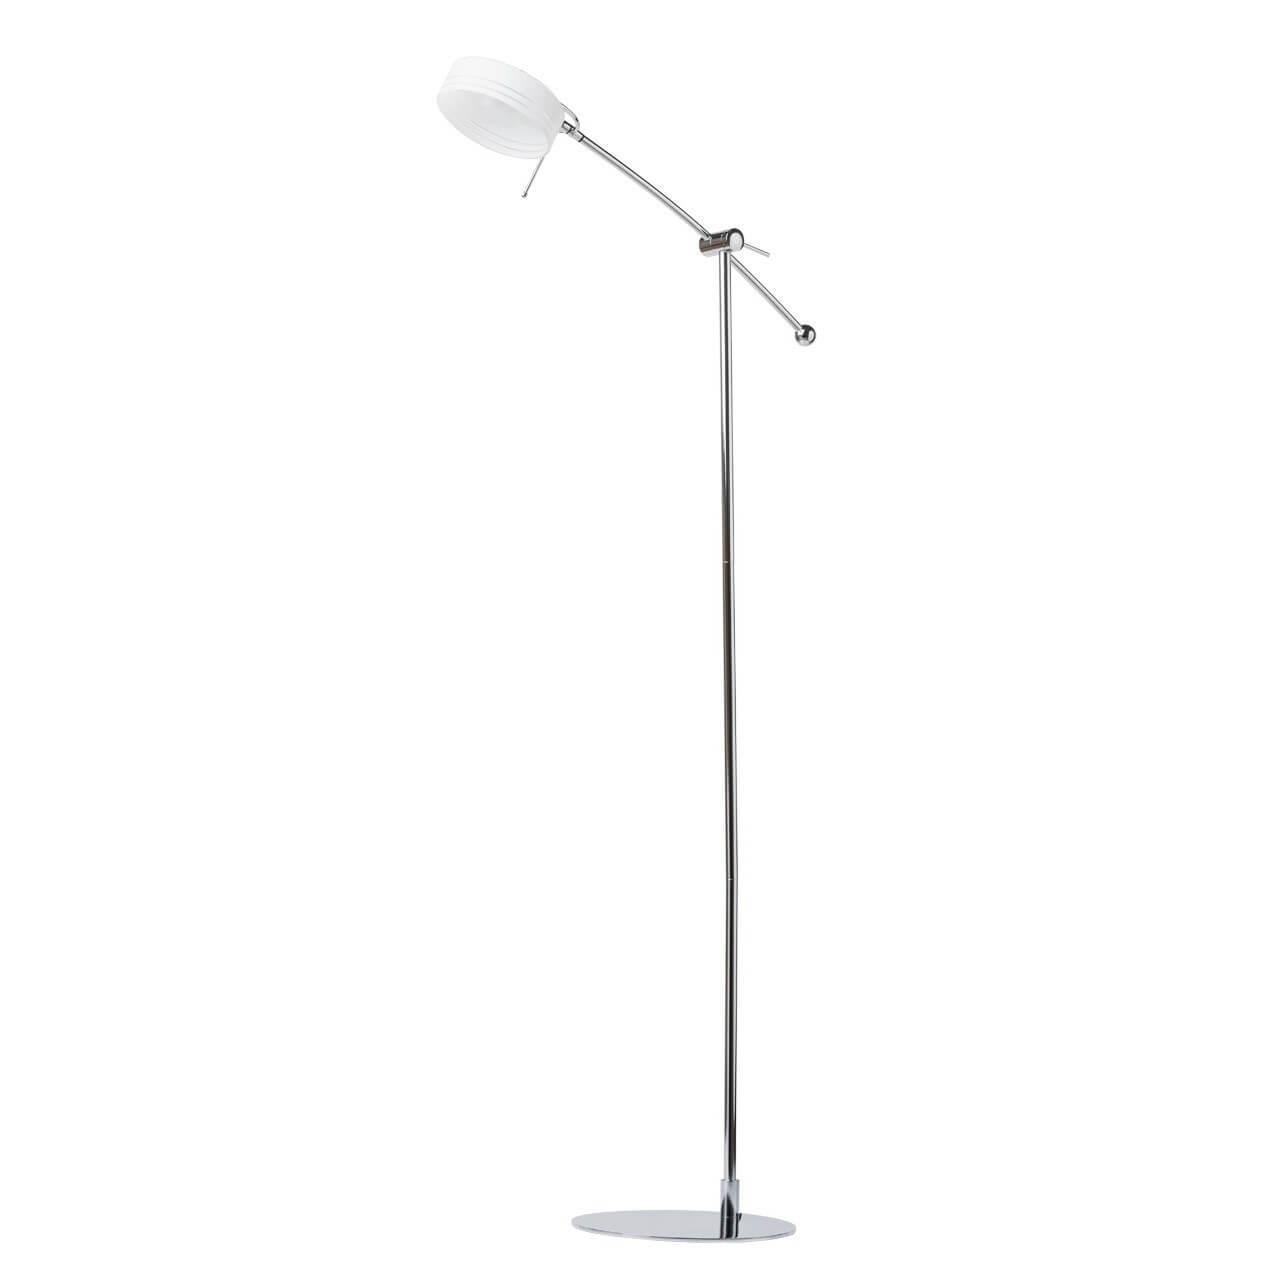 Напольный светильник De Markt 631040501, LED, 5 Вт